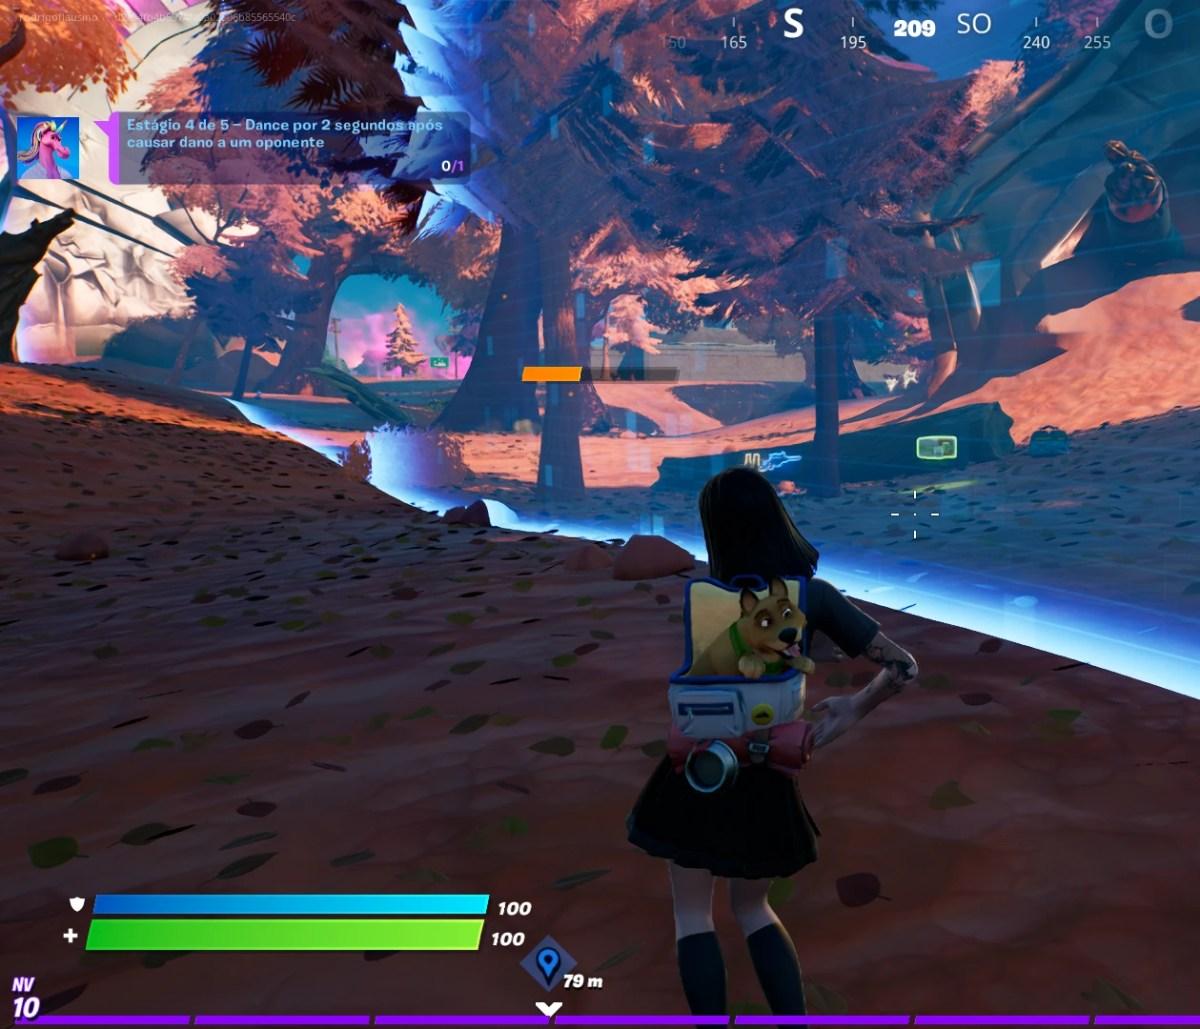 Fortnite - Dançando na borda da tempestade 03